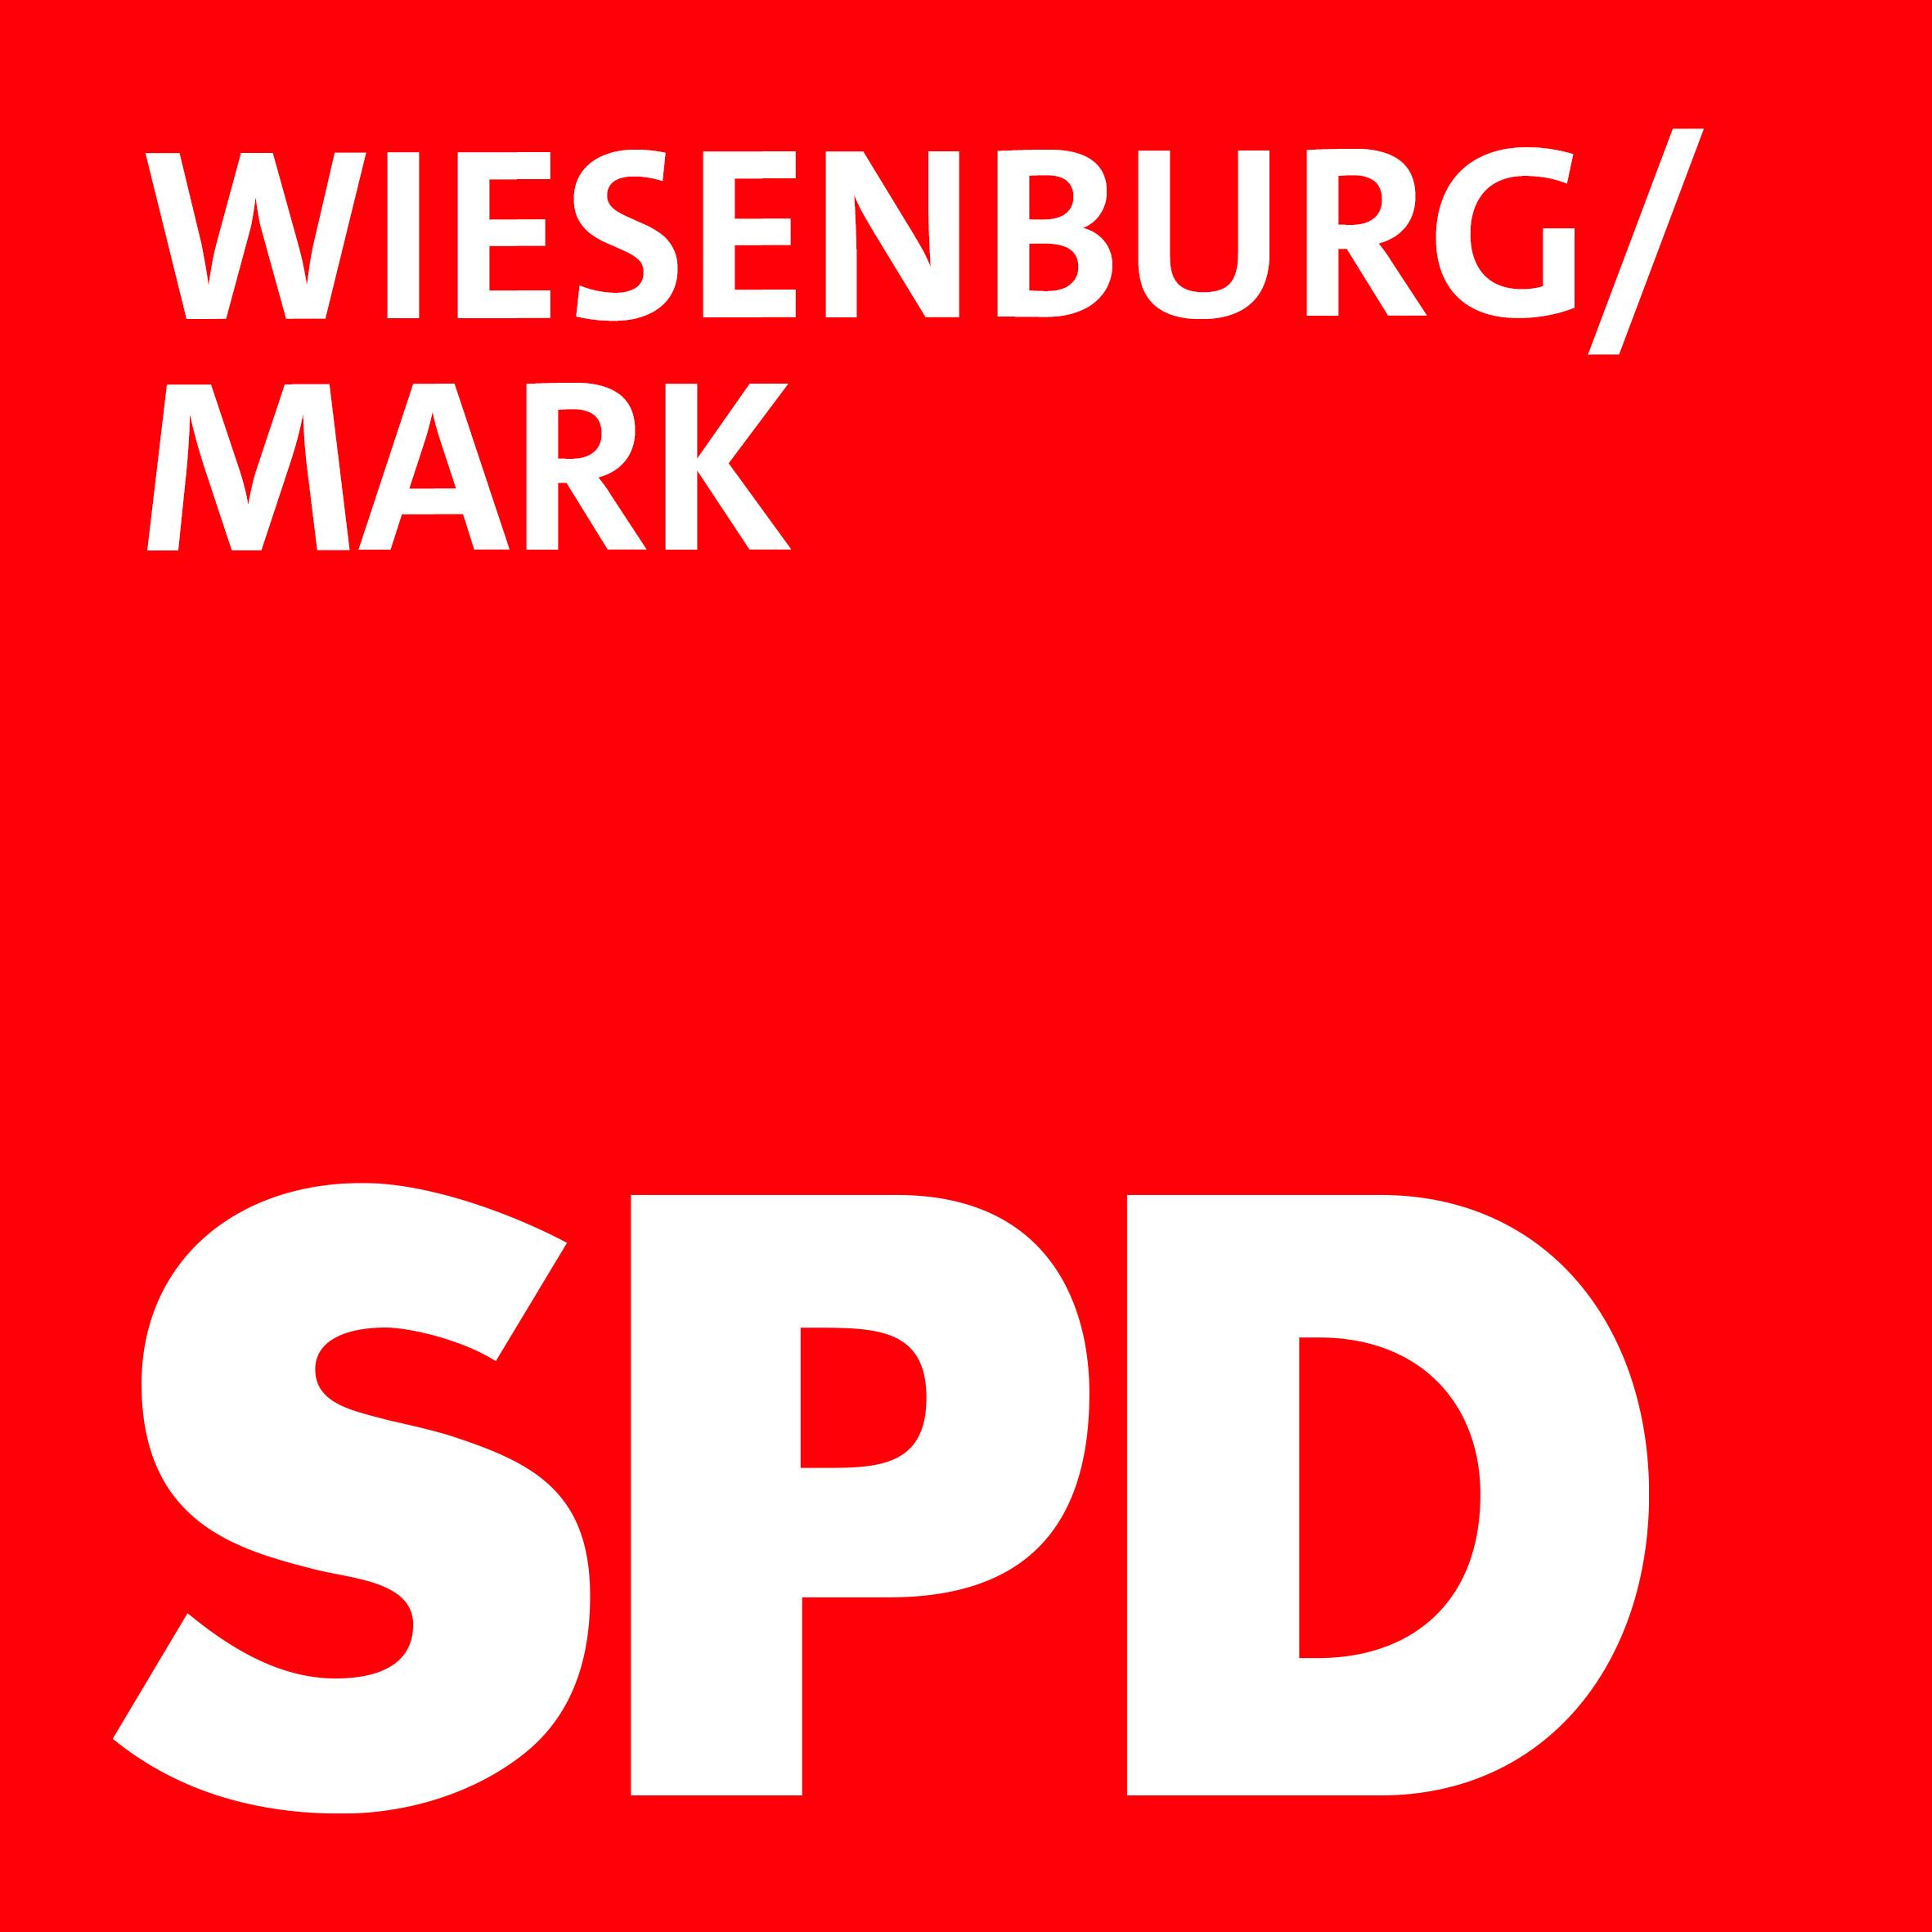 SPD Wiesenburg/Mark